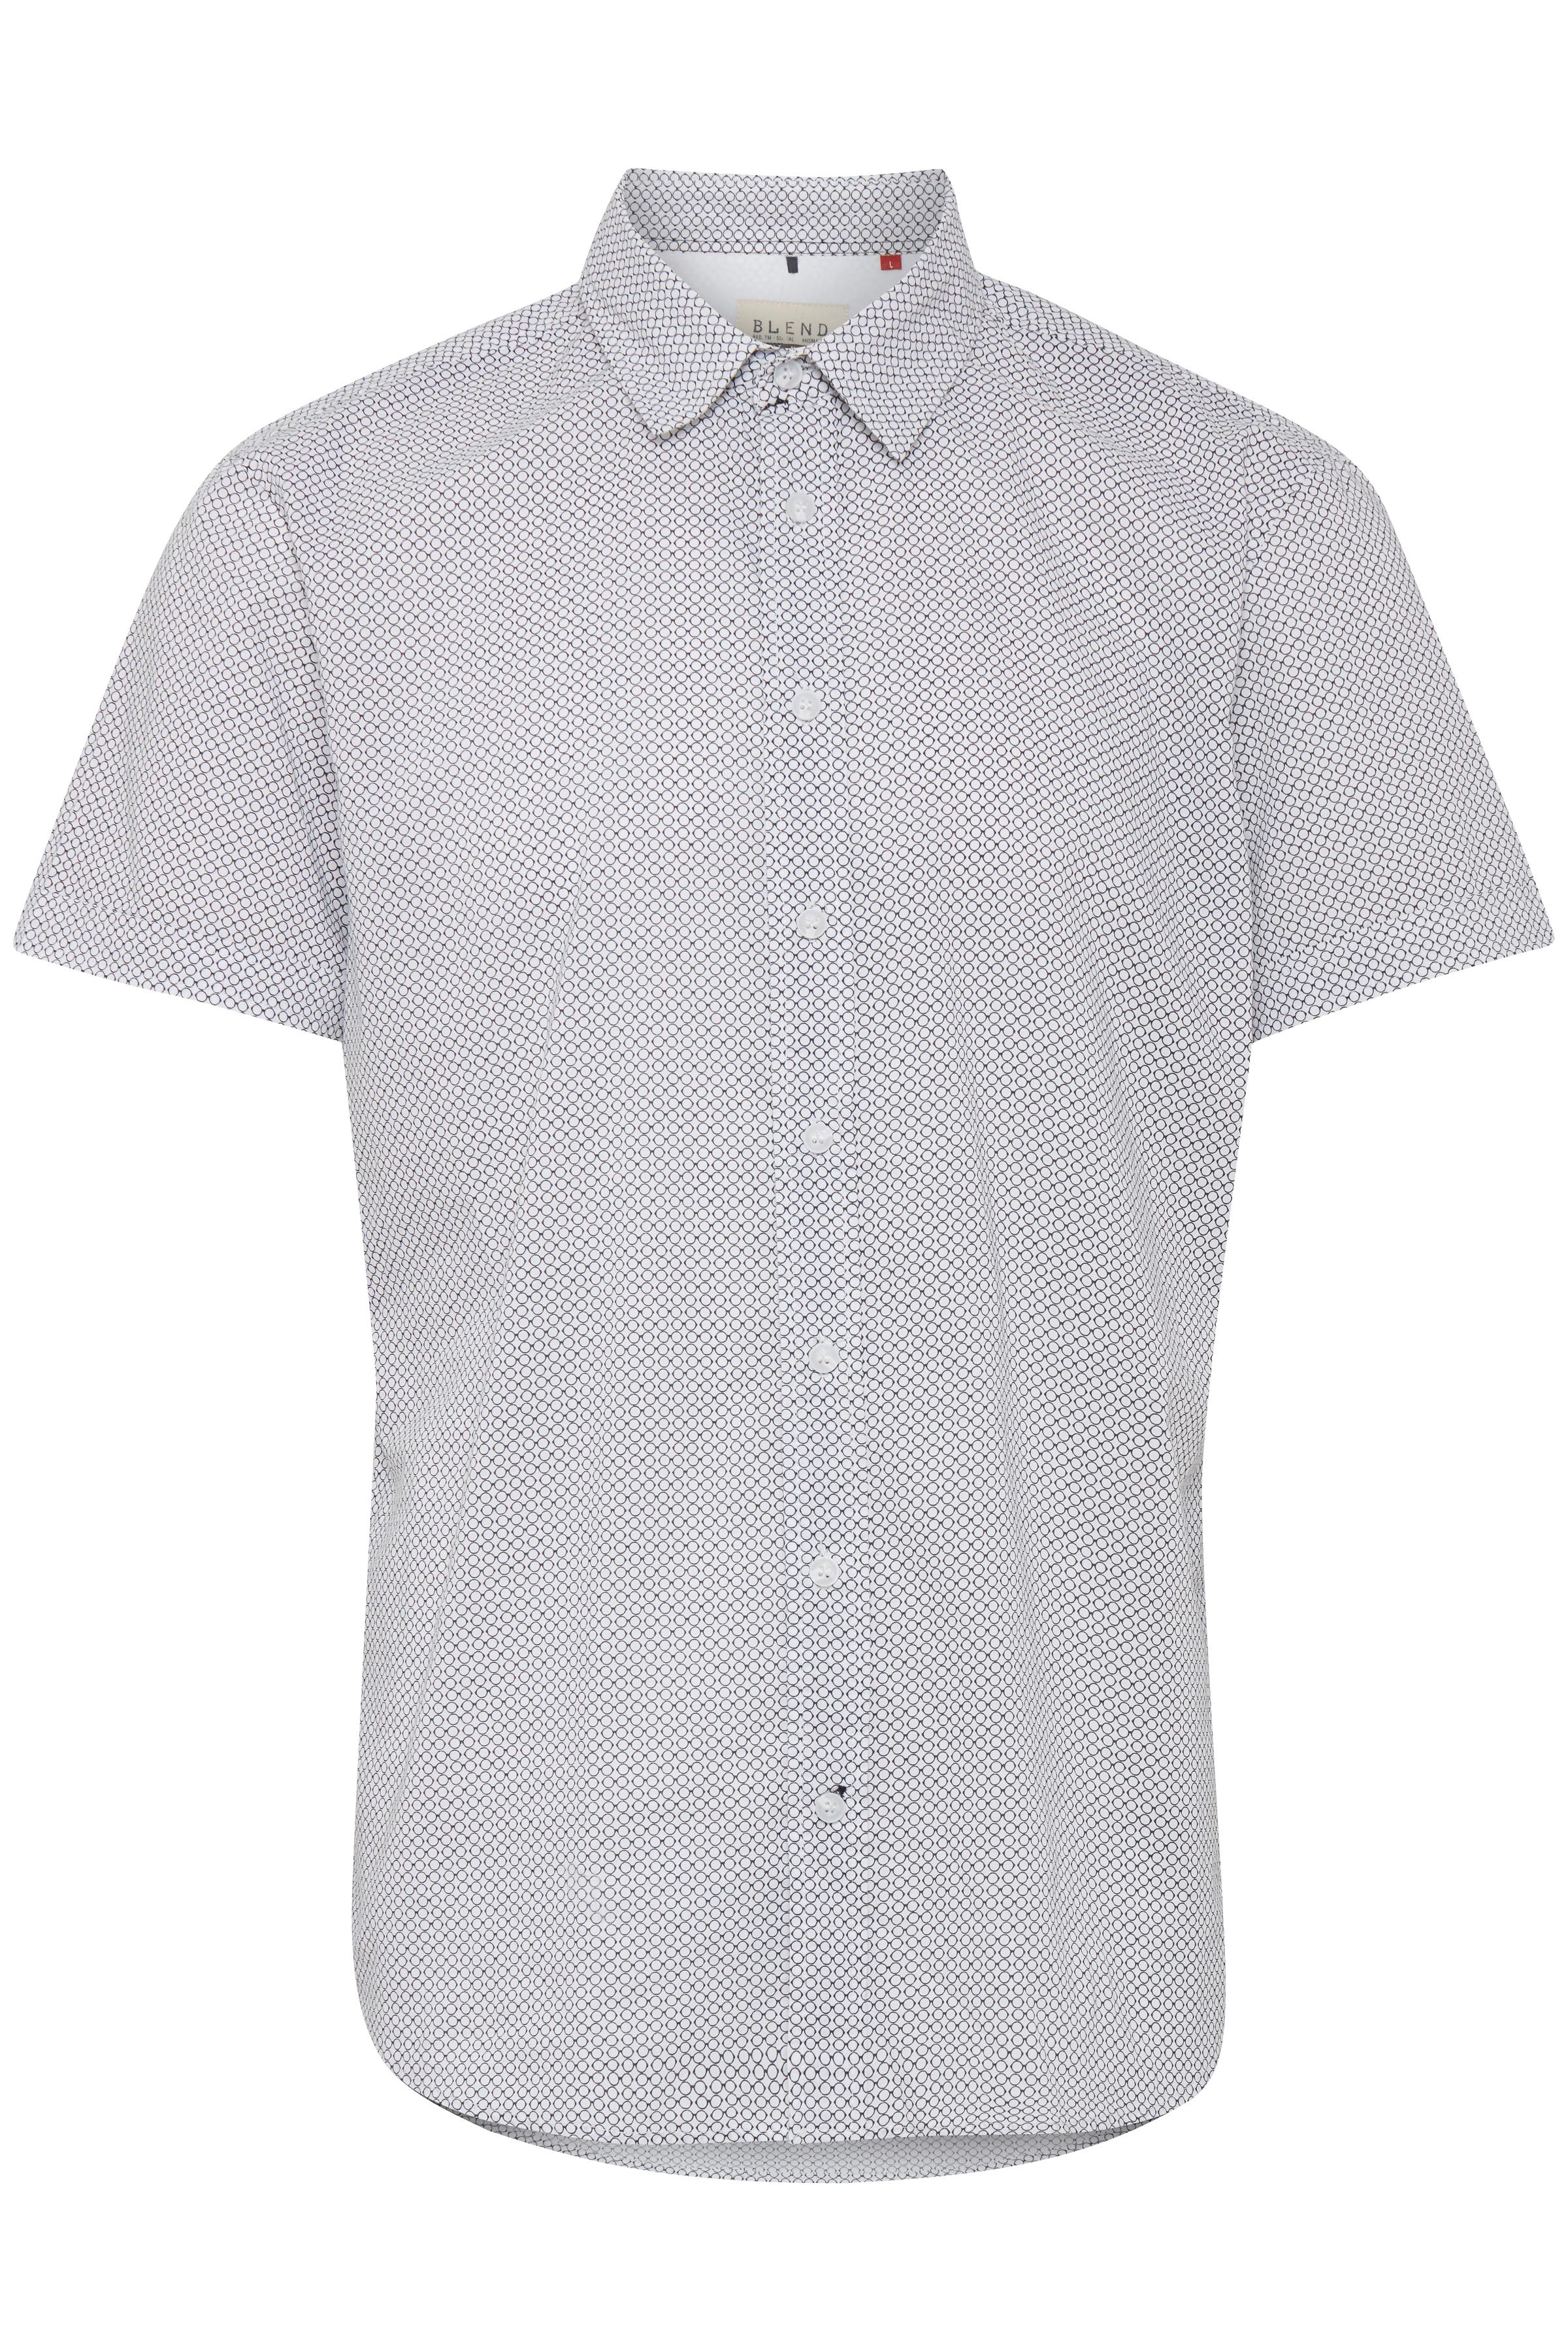 White Skjorte – Køb White Skjorte fra str. S-XL her